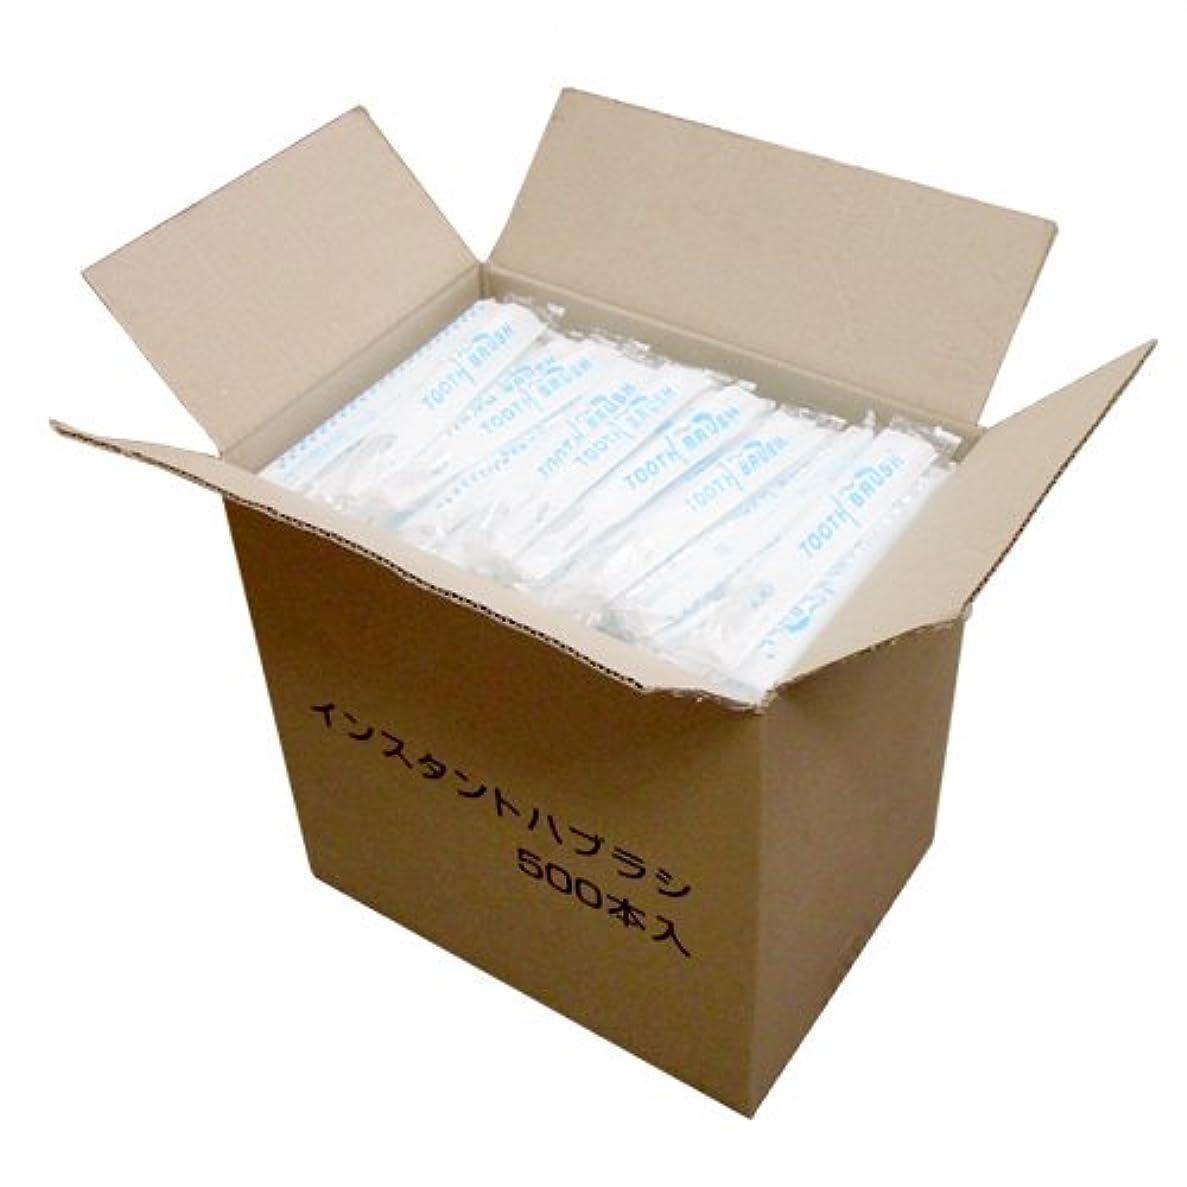 ズームインするメリー通信網業務用 日本製 使い捨て粉付き歯ブラシ 個包装タイプ 500本入×1箱│ホテルアメニティ